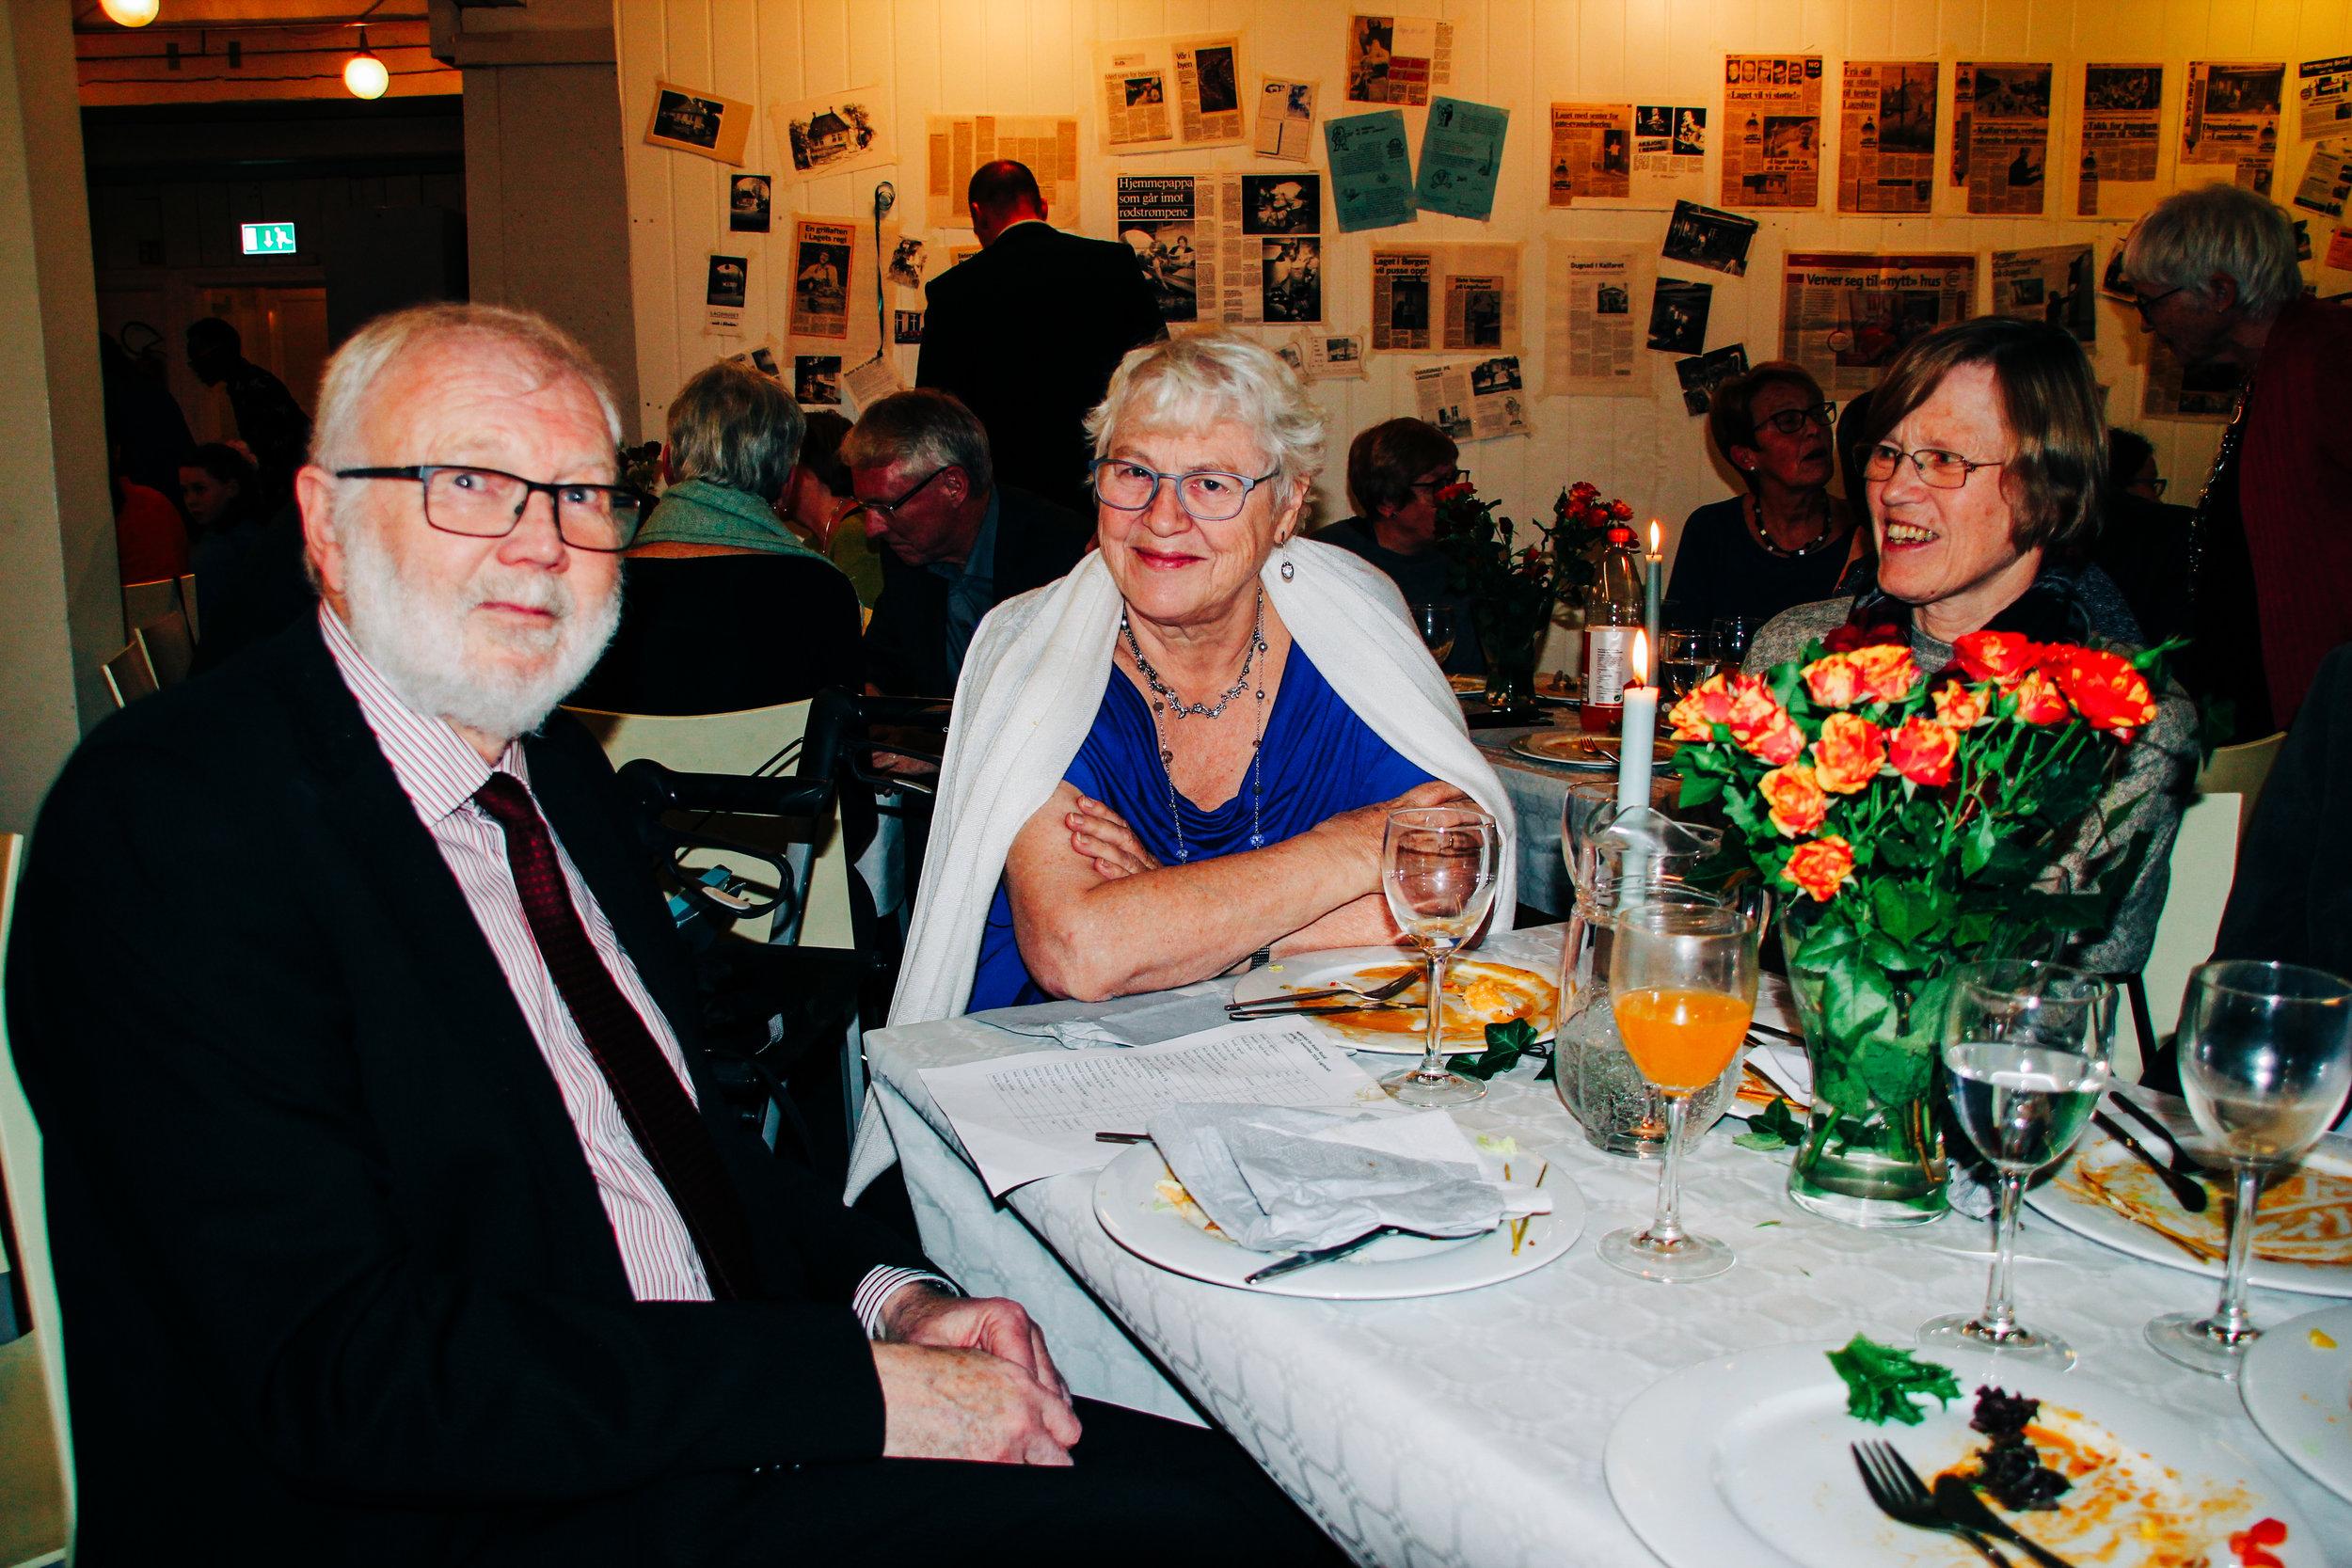 Andor med kona Ingvild (midten) under festen. 68 mennesker møtte opp for å feire han. Foto: Einar Helgaas